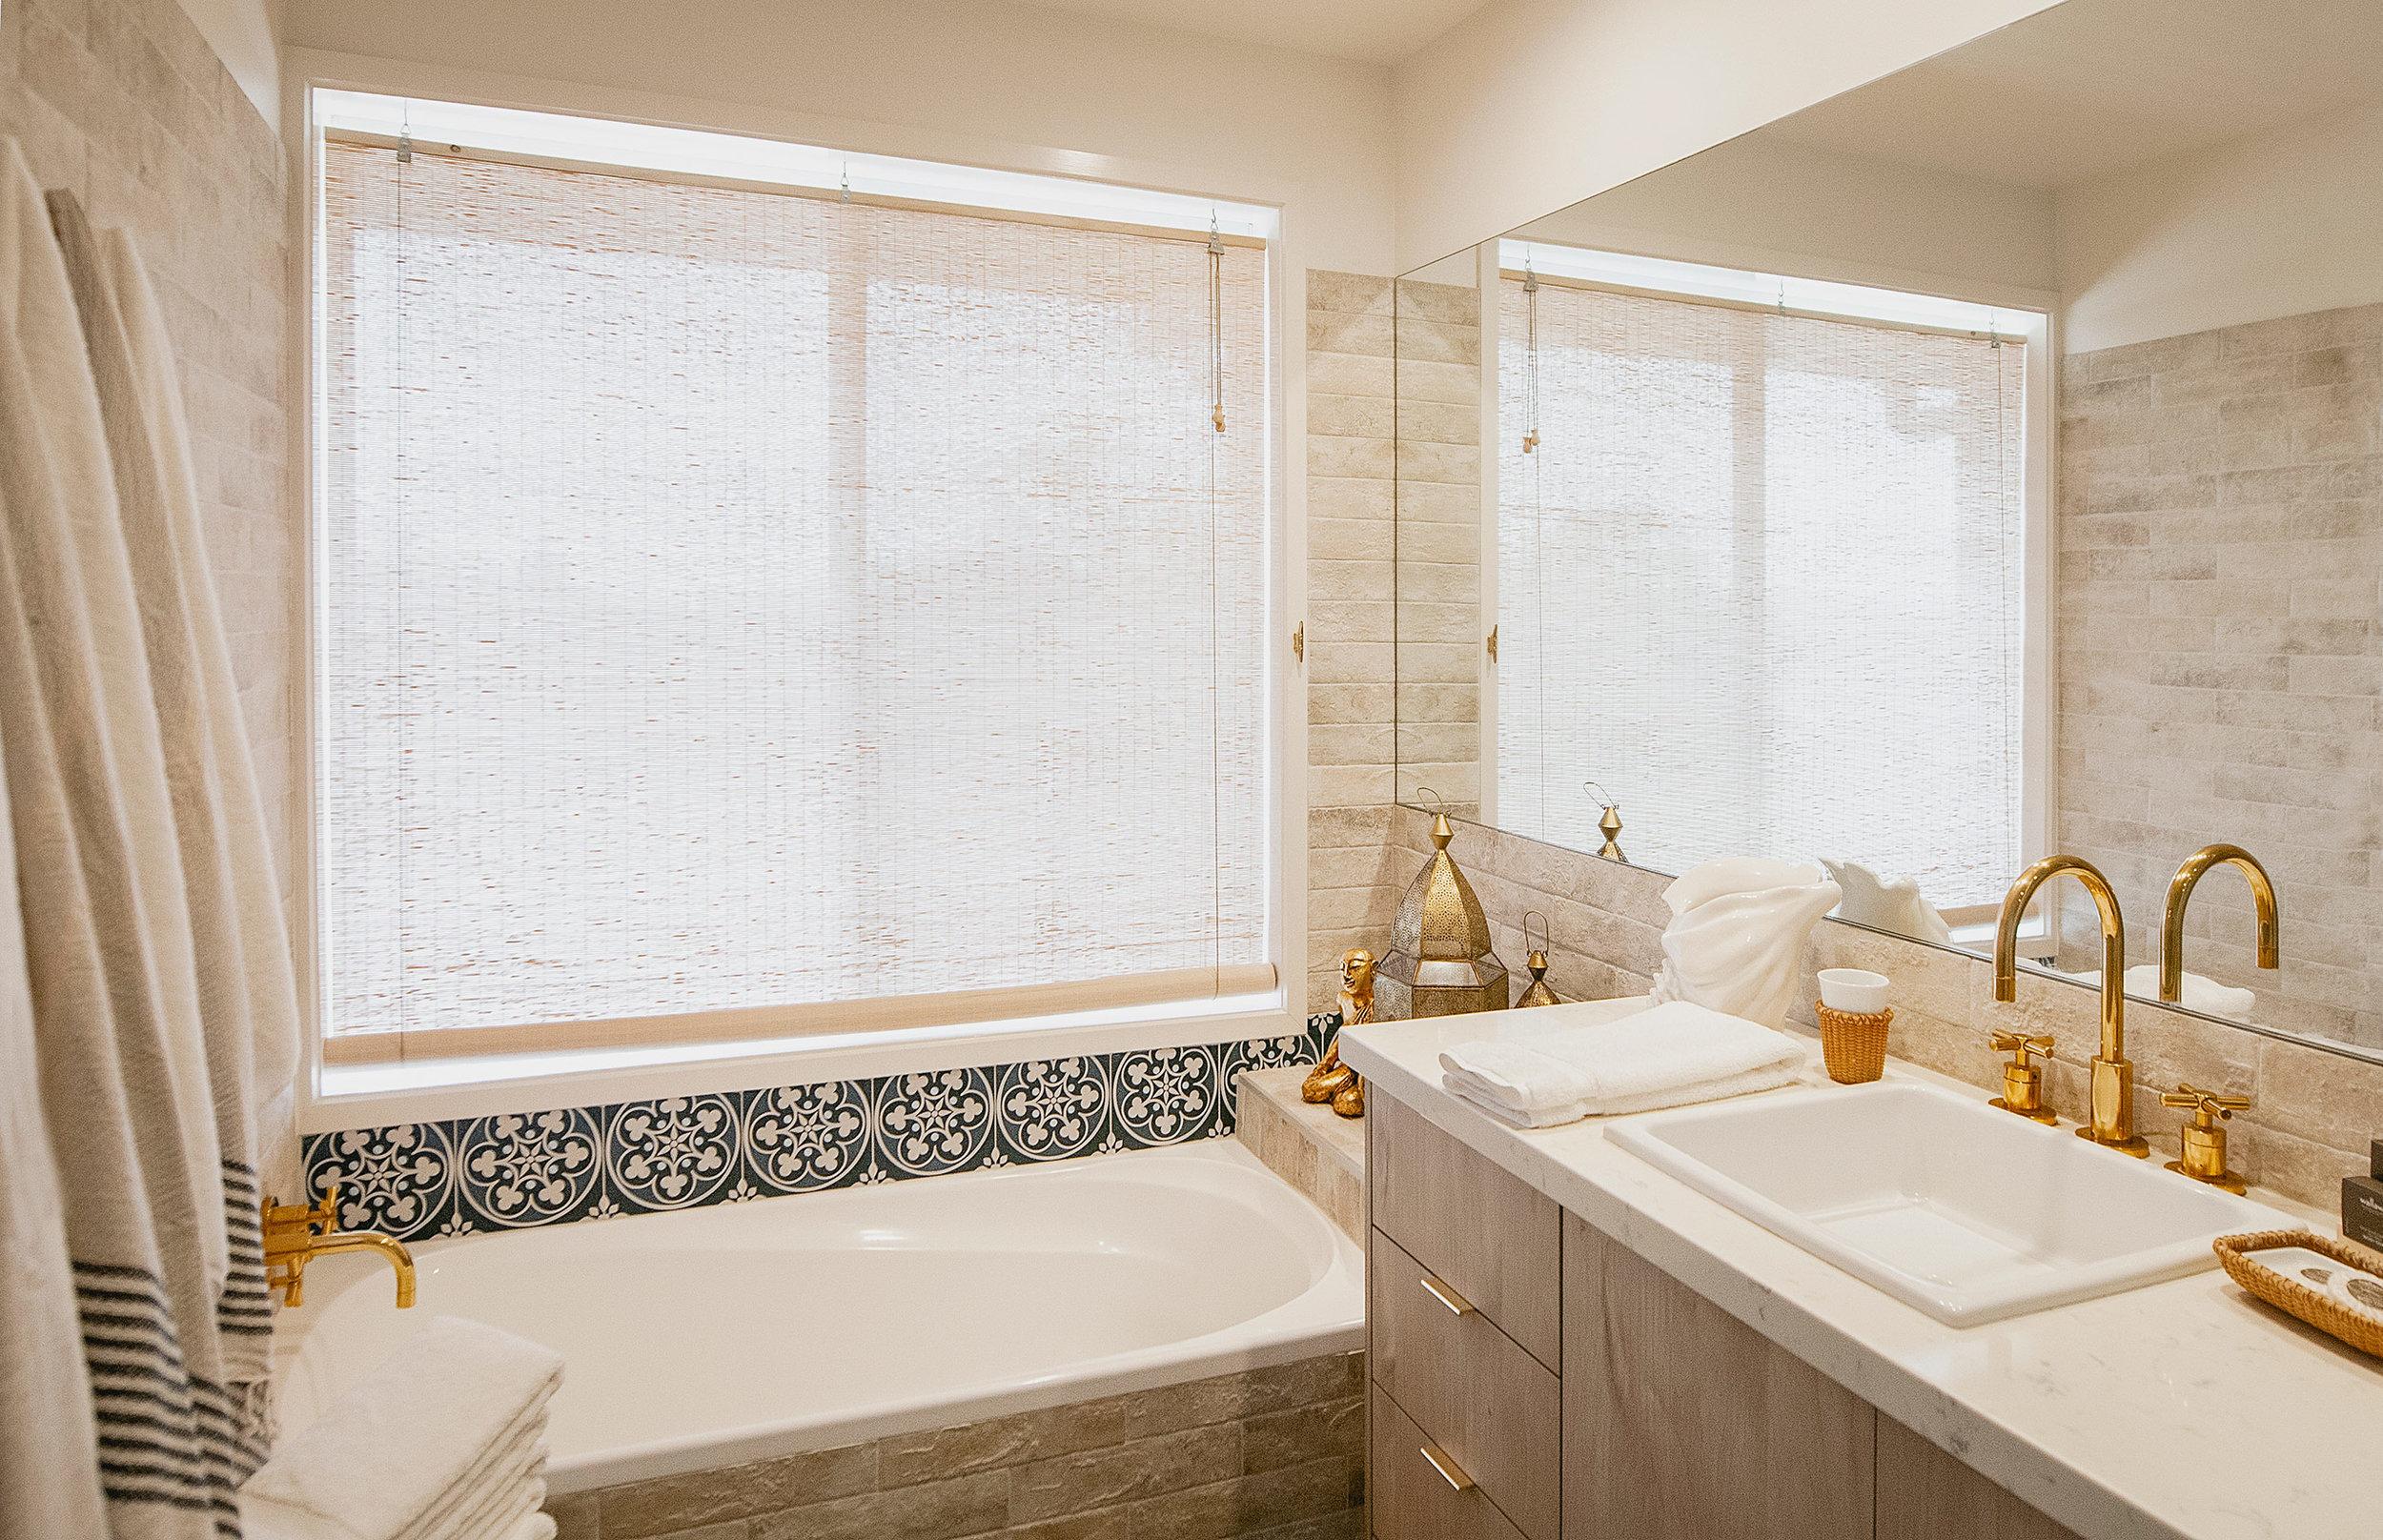 Barellen-13b-Guest-Bathroom---Upstairs-2018-11-05-12.28.51.jpg